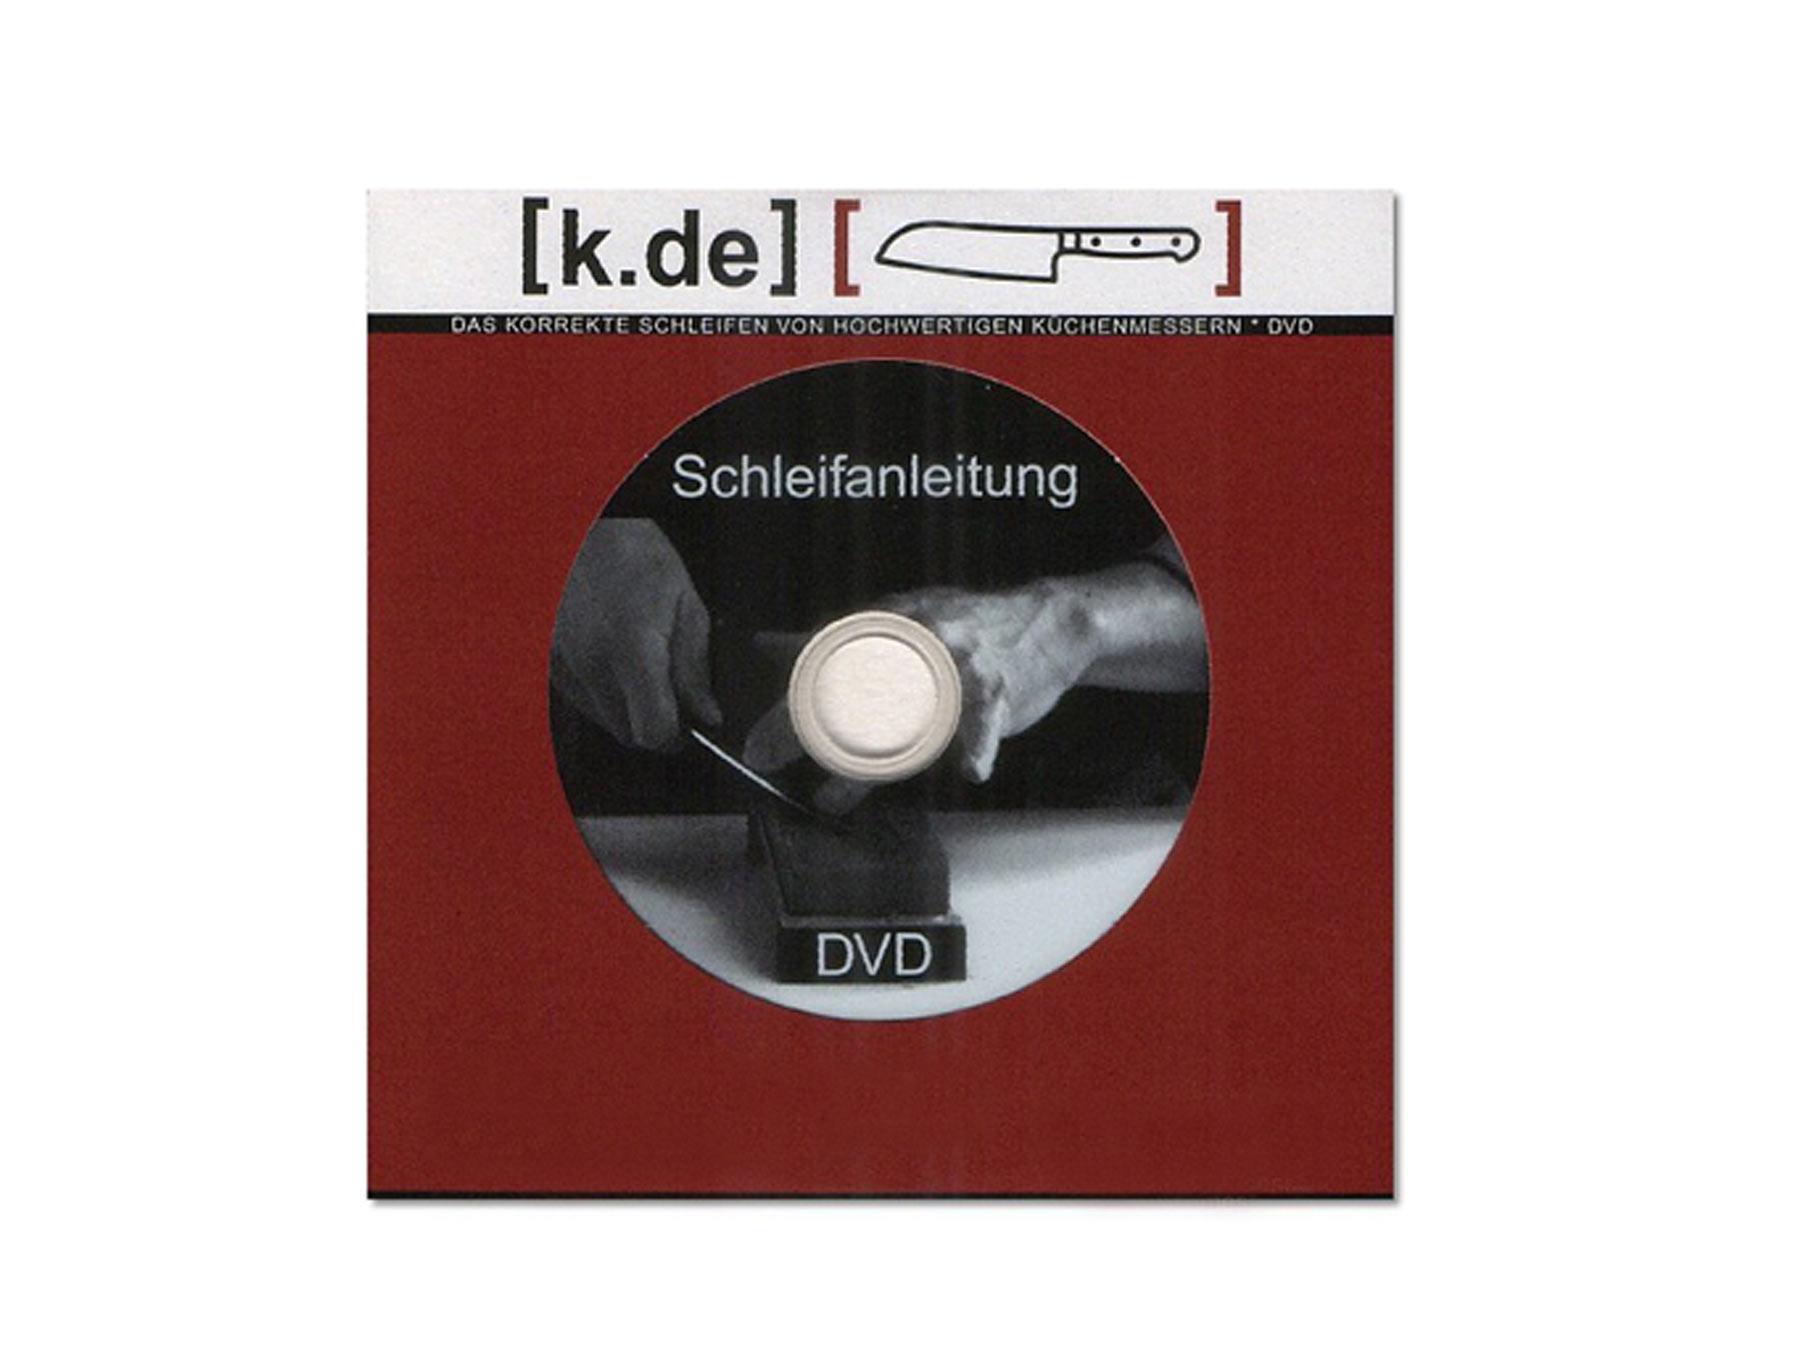 DVD Schleifanleitung